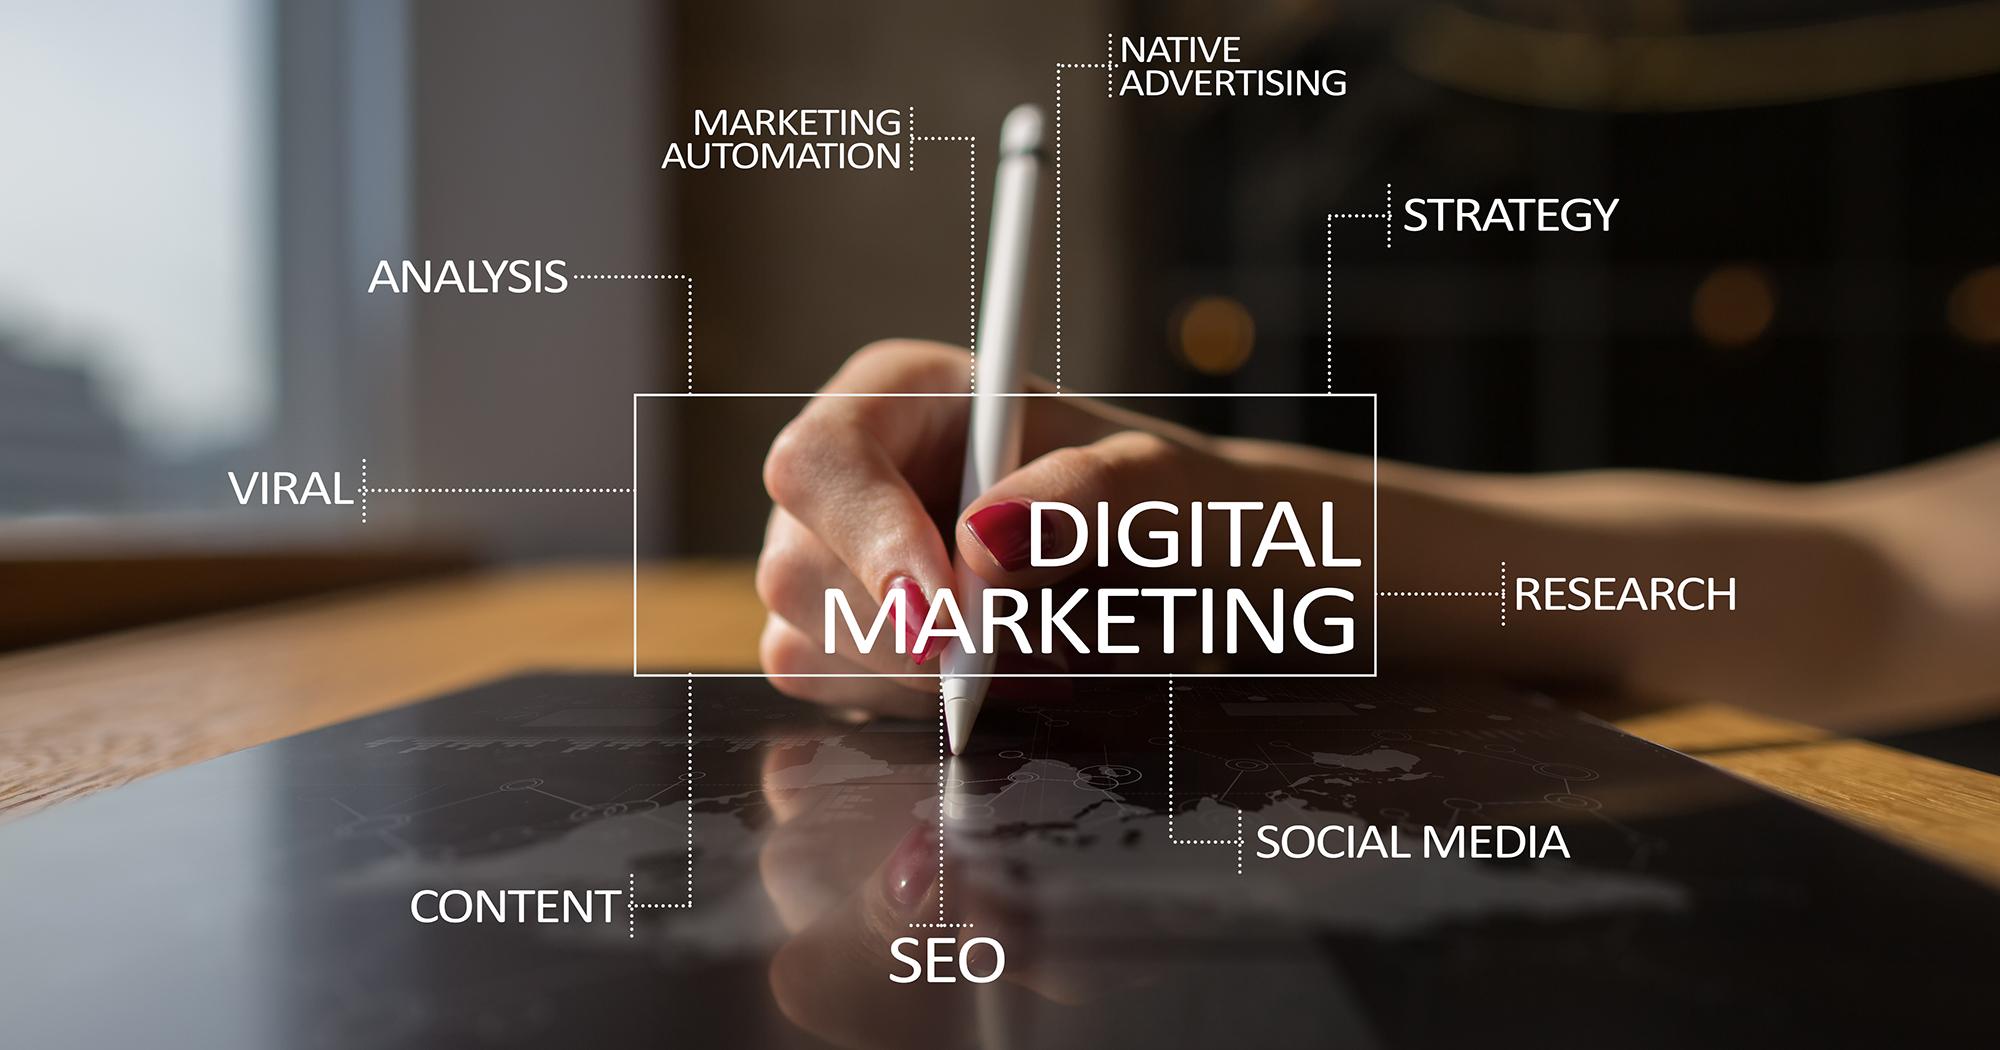 デジタルマーケティングとは?Webマーケティングとの違いや初心者向けの基本まとめ